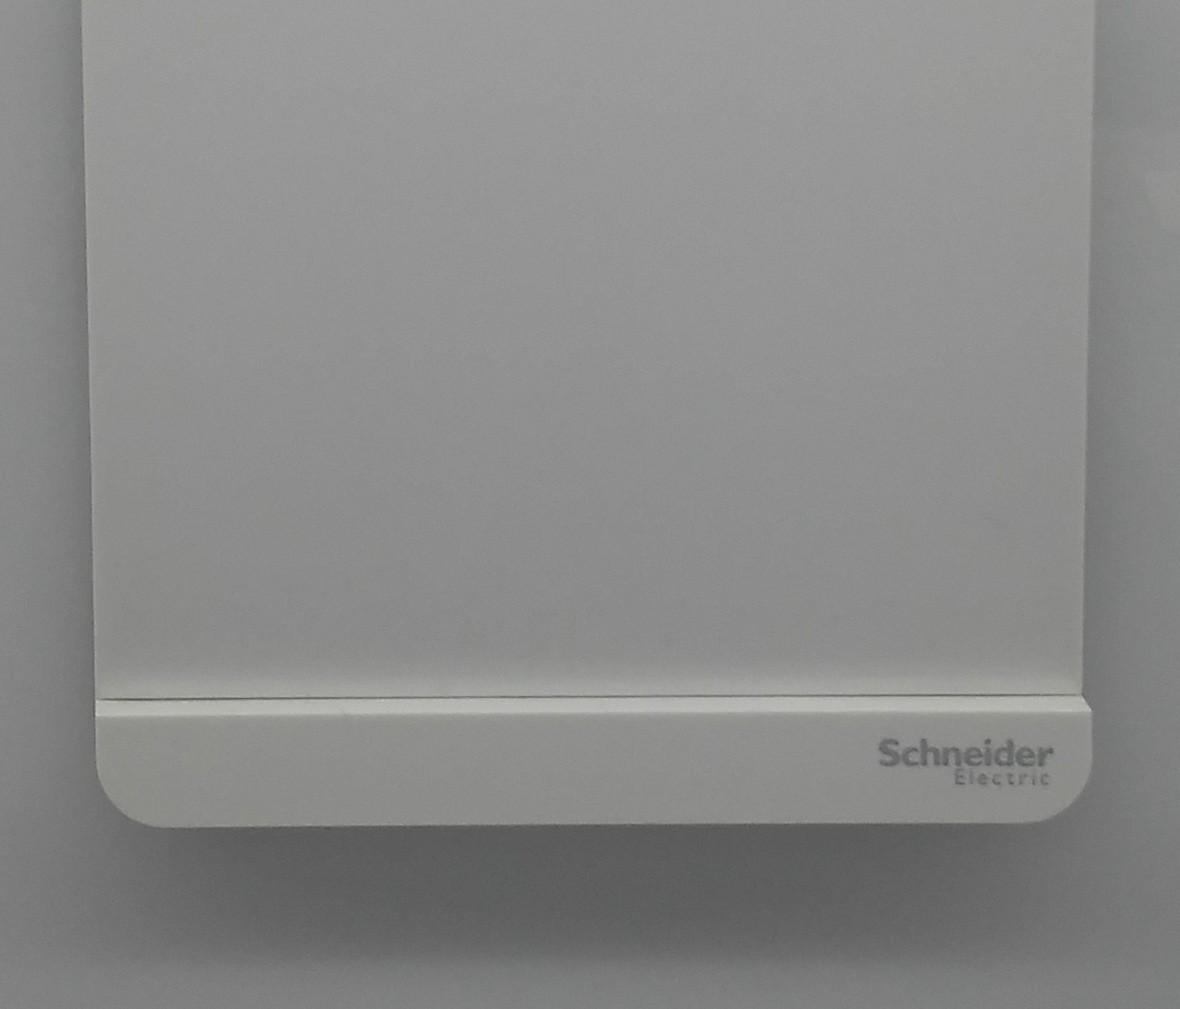 施耐德 轻点系列 单开开关 PC材质 耐高温 防漏电 安全插座 细节